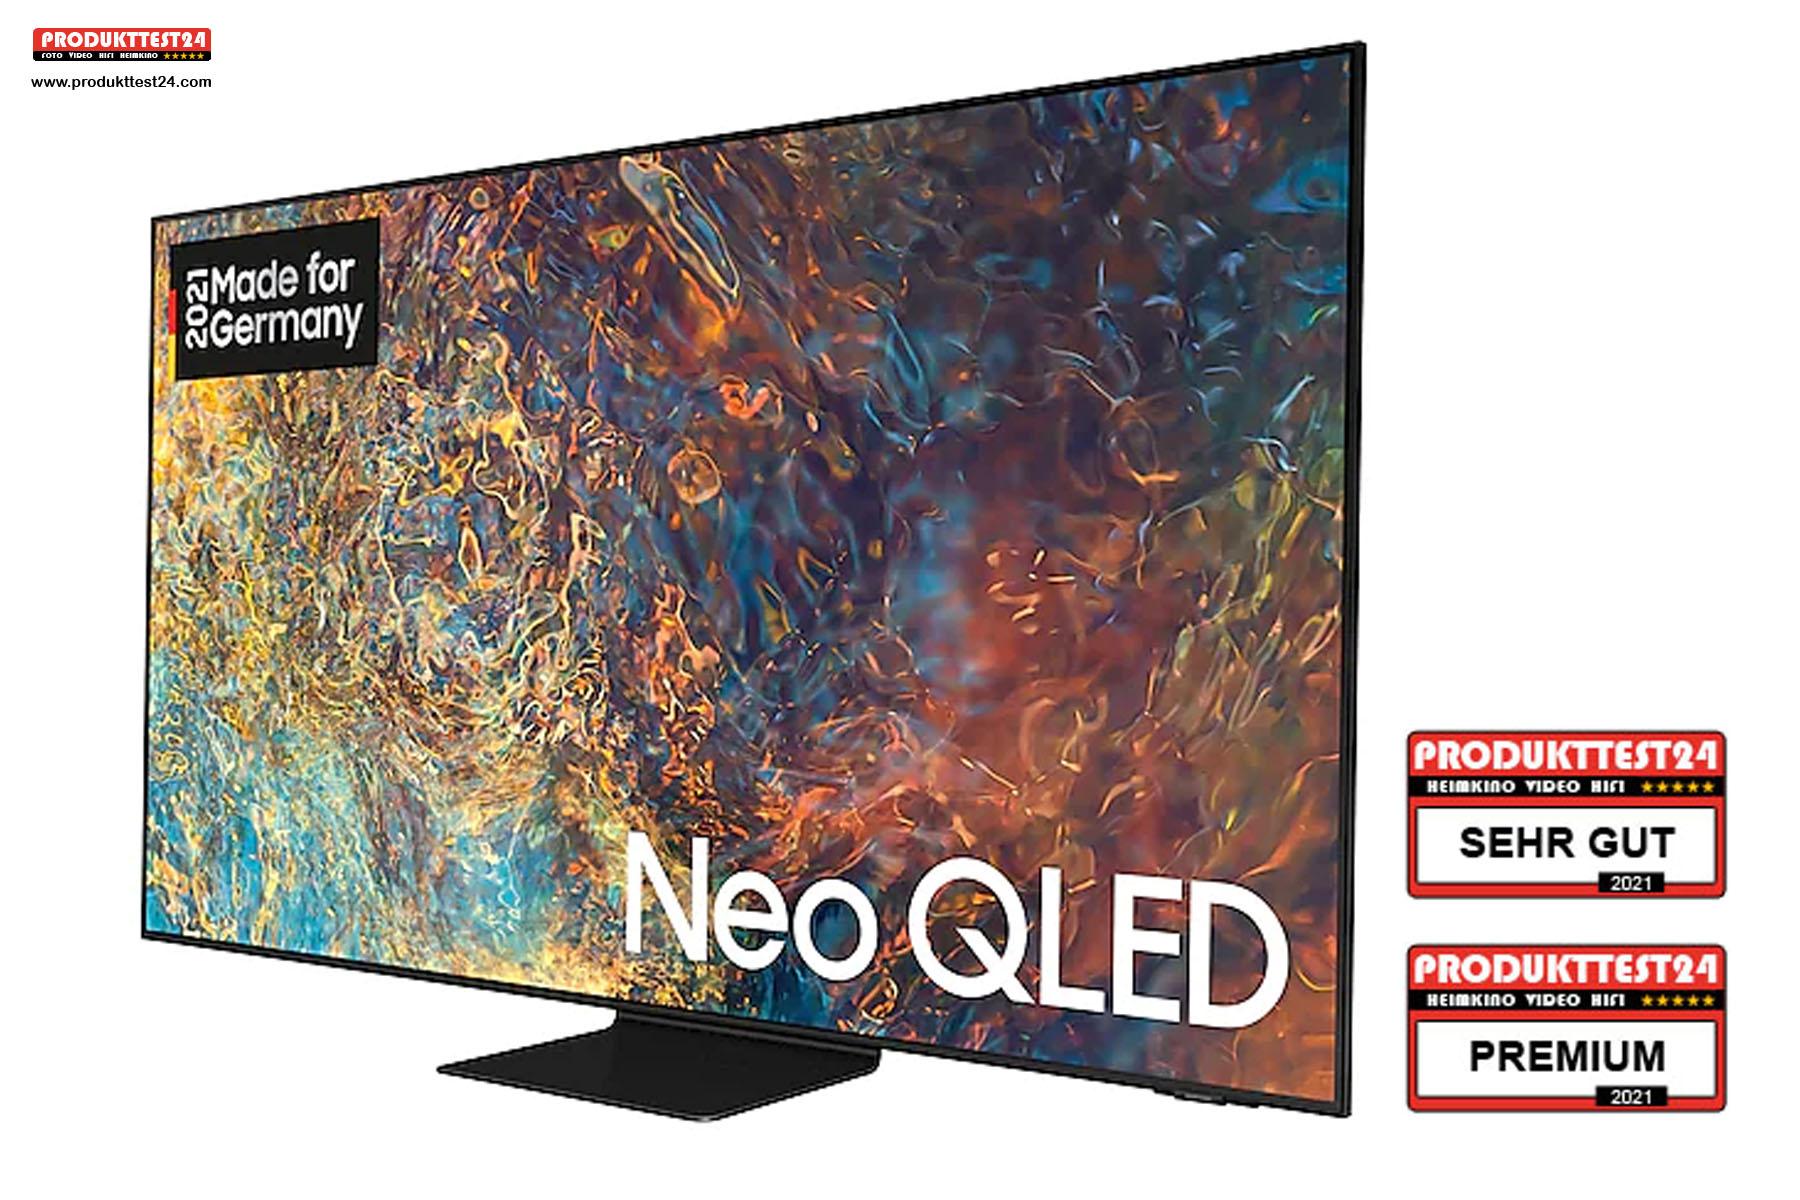 Samsung GQ50QN90A - Der beste 50 Zoll Fernseher auf dem Markt. Testurteil: Sehr gut!